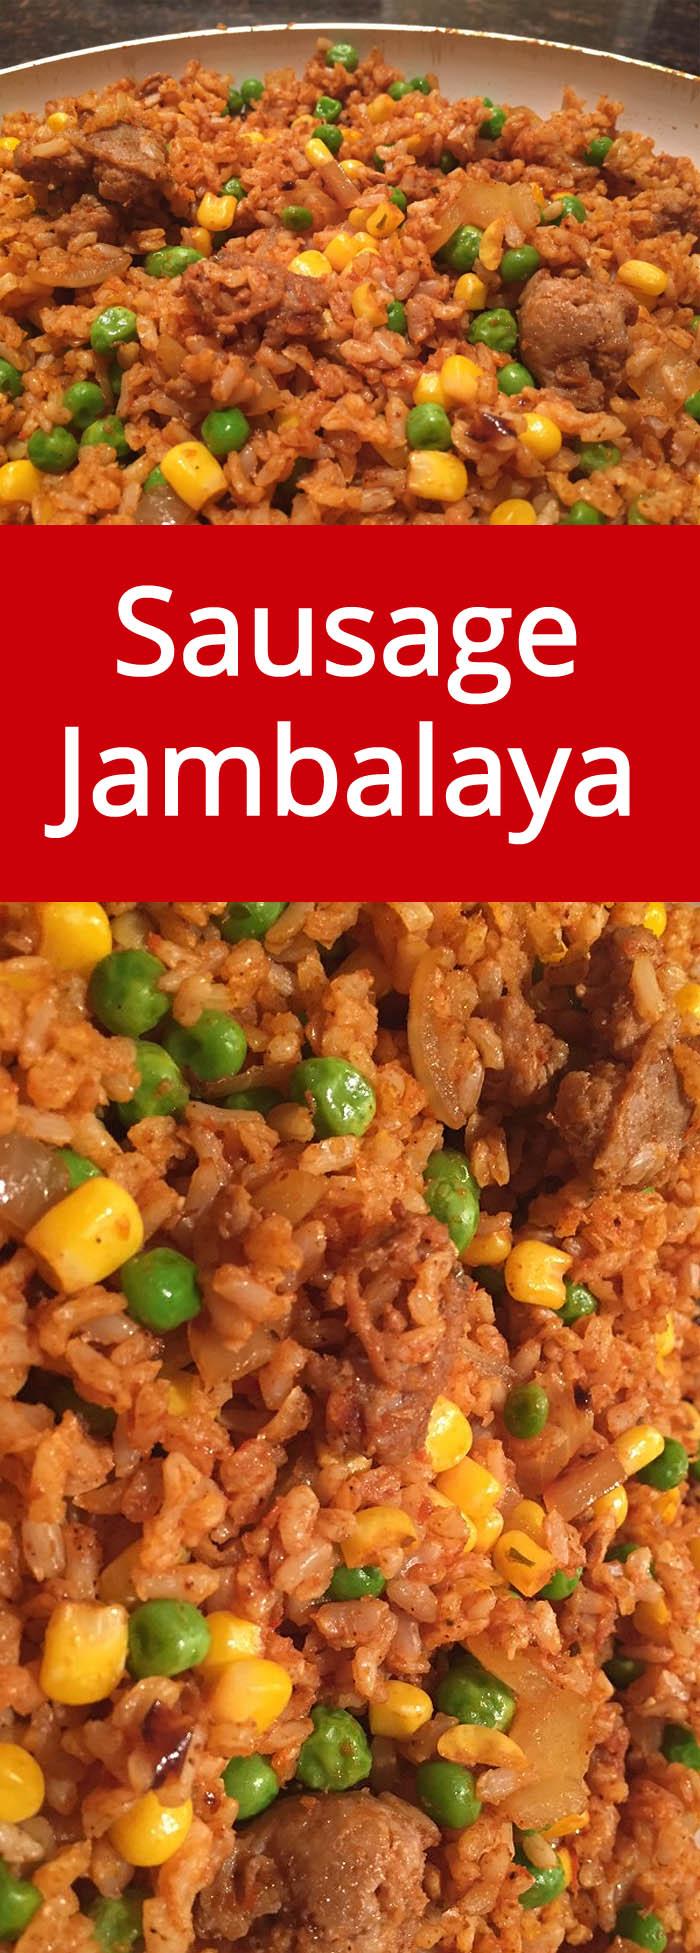 how to cook jambalaya rice